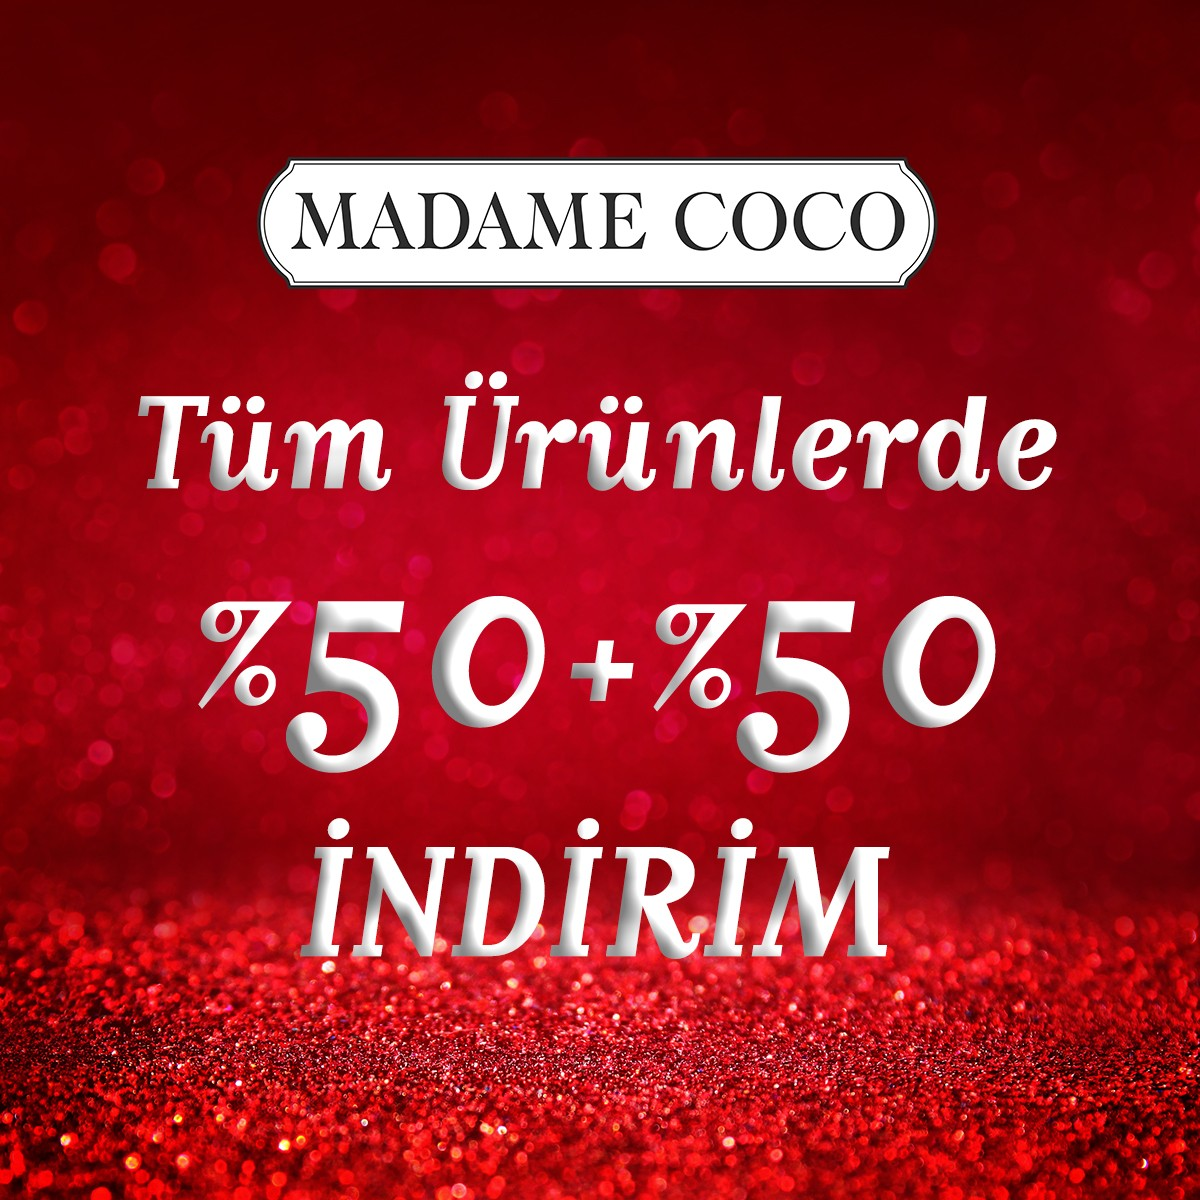 #AntalyaMigros AVM Madame Coco'da 15 Mart Perşembe gününe kadar tüm ürünlerde %50 + %50 indirim var!